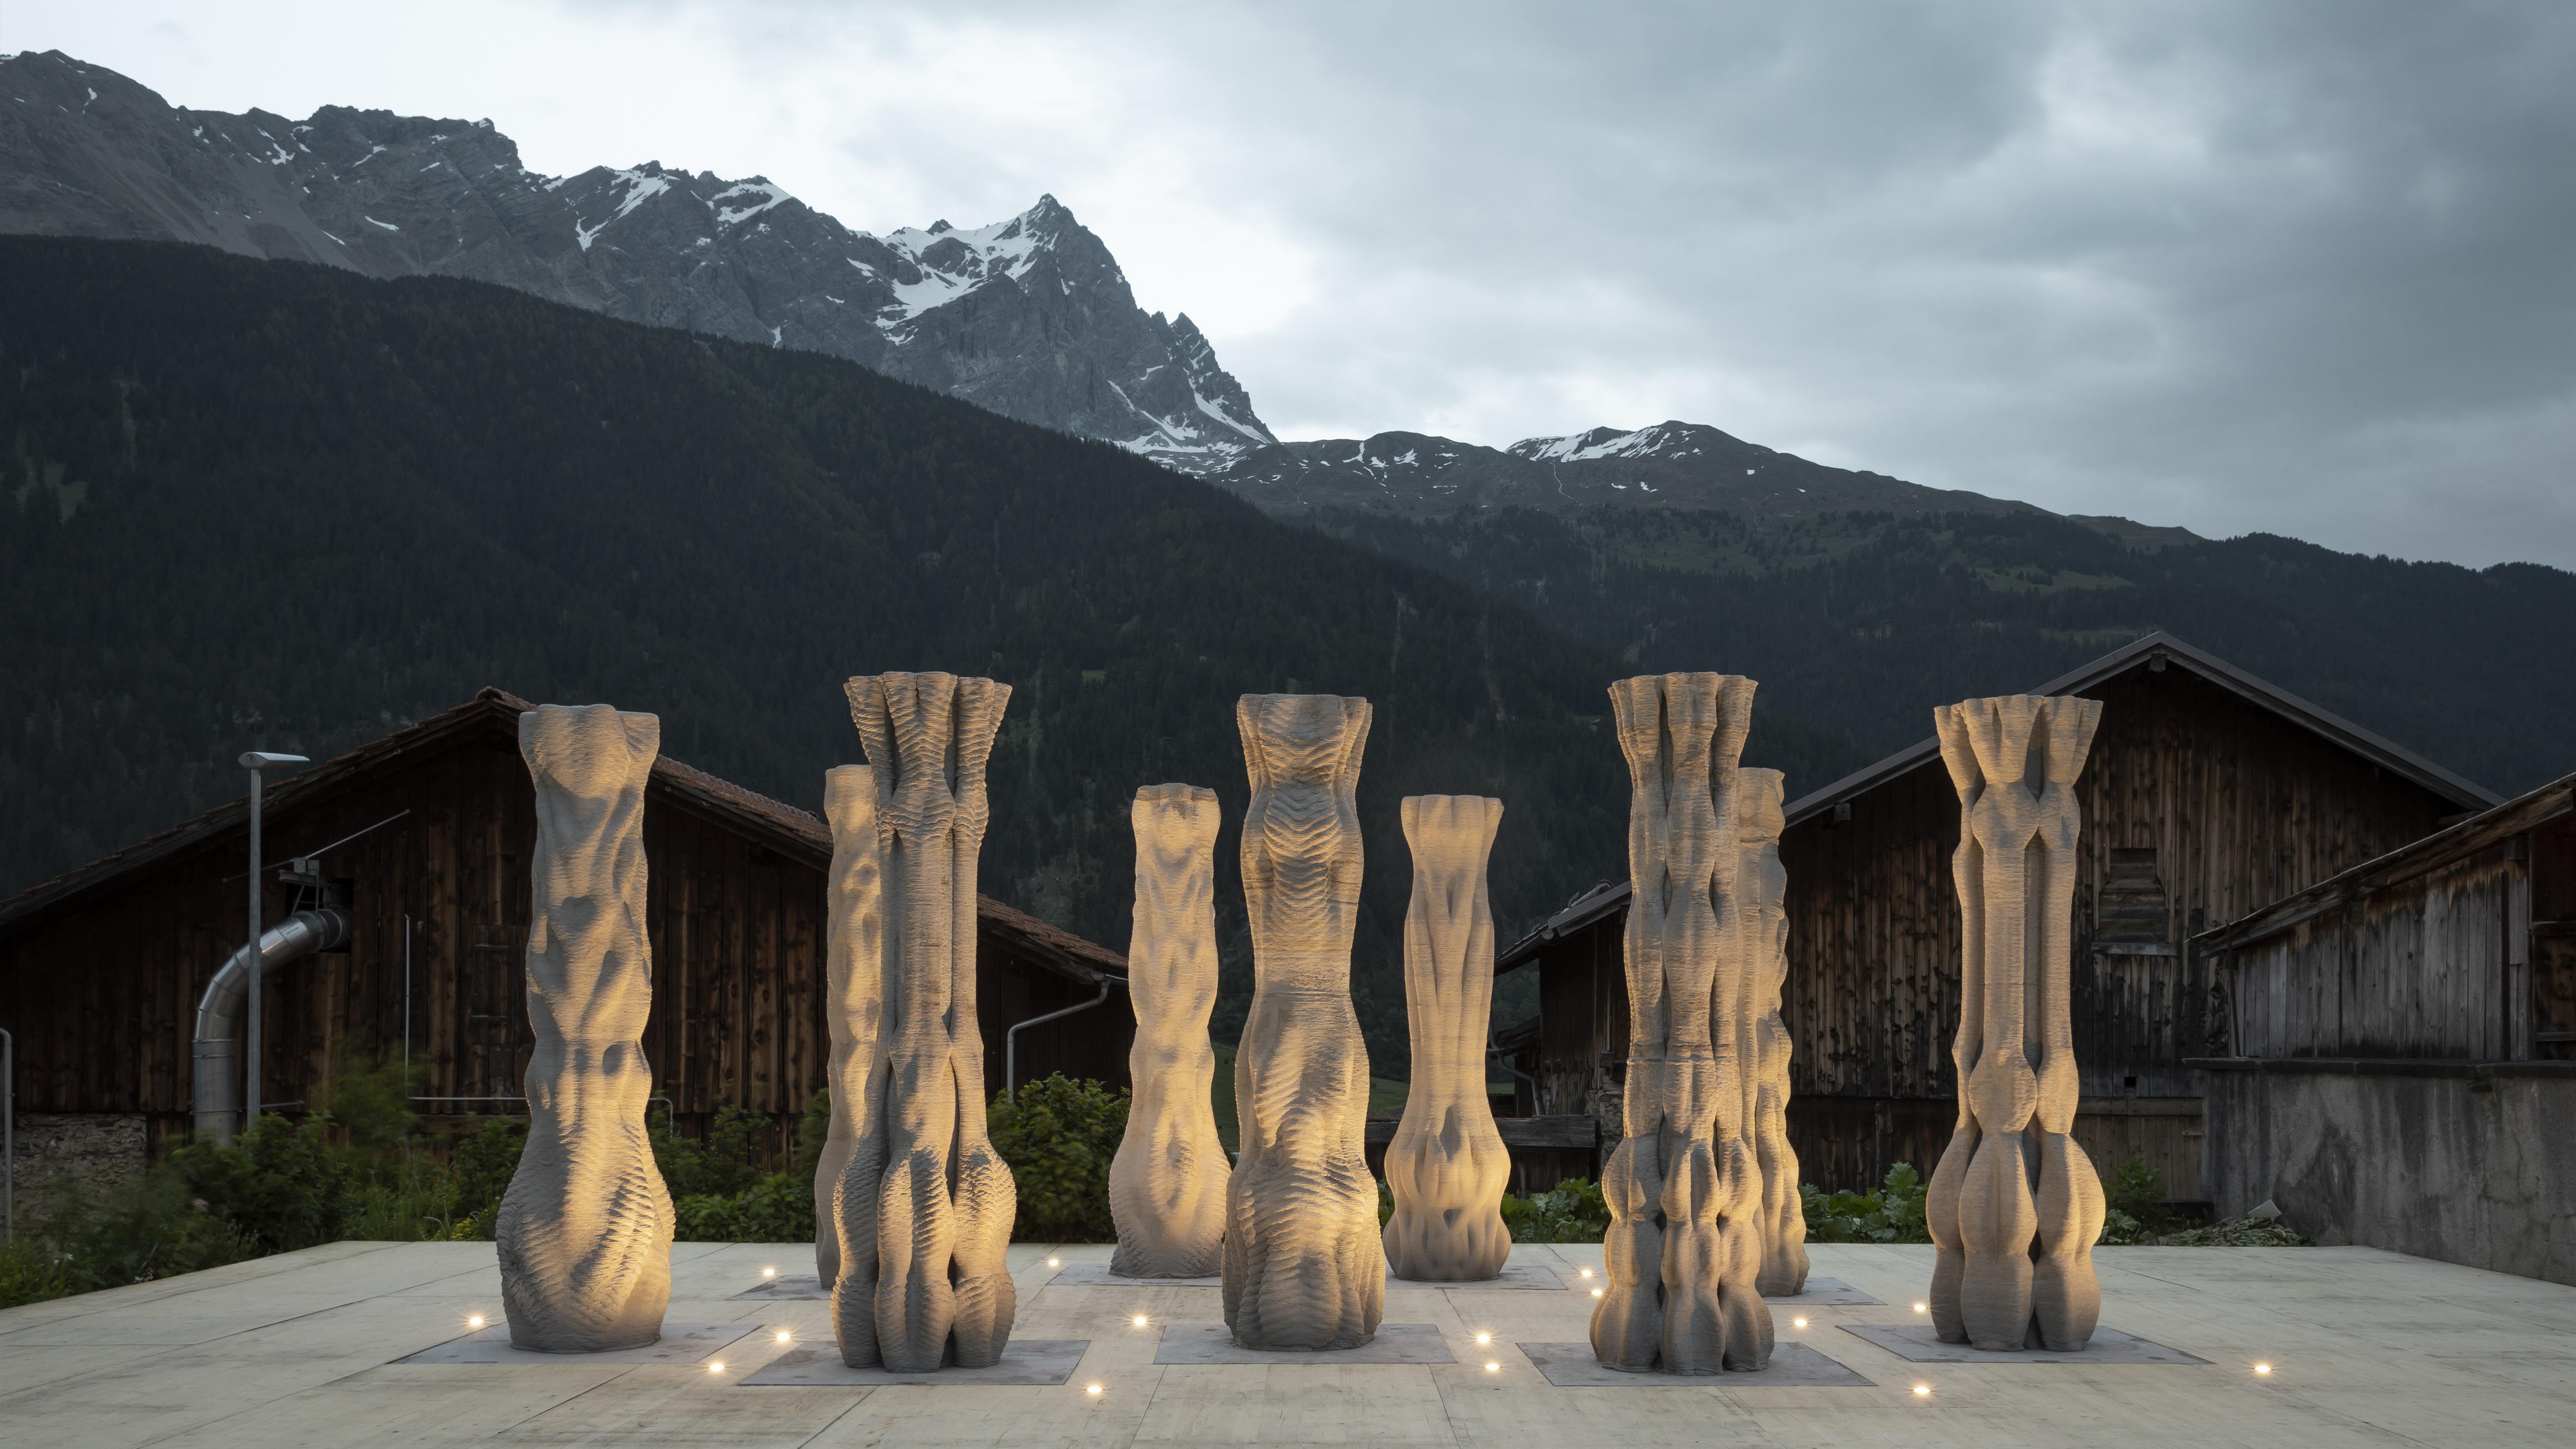 3D Printed Concrete Columns